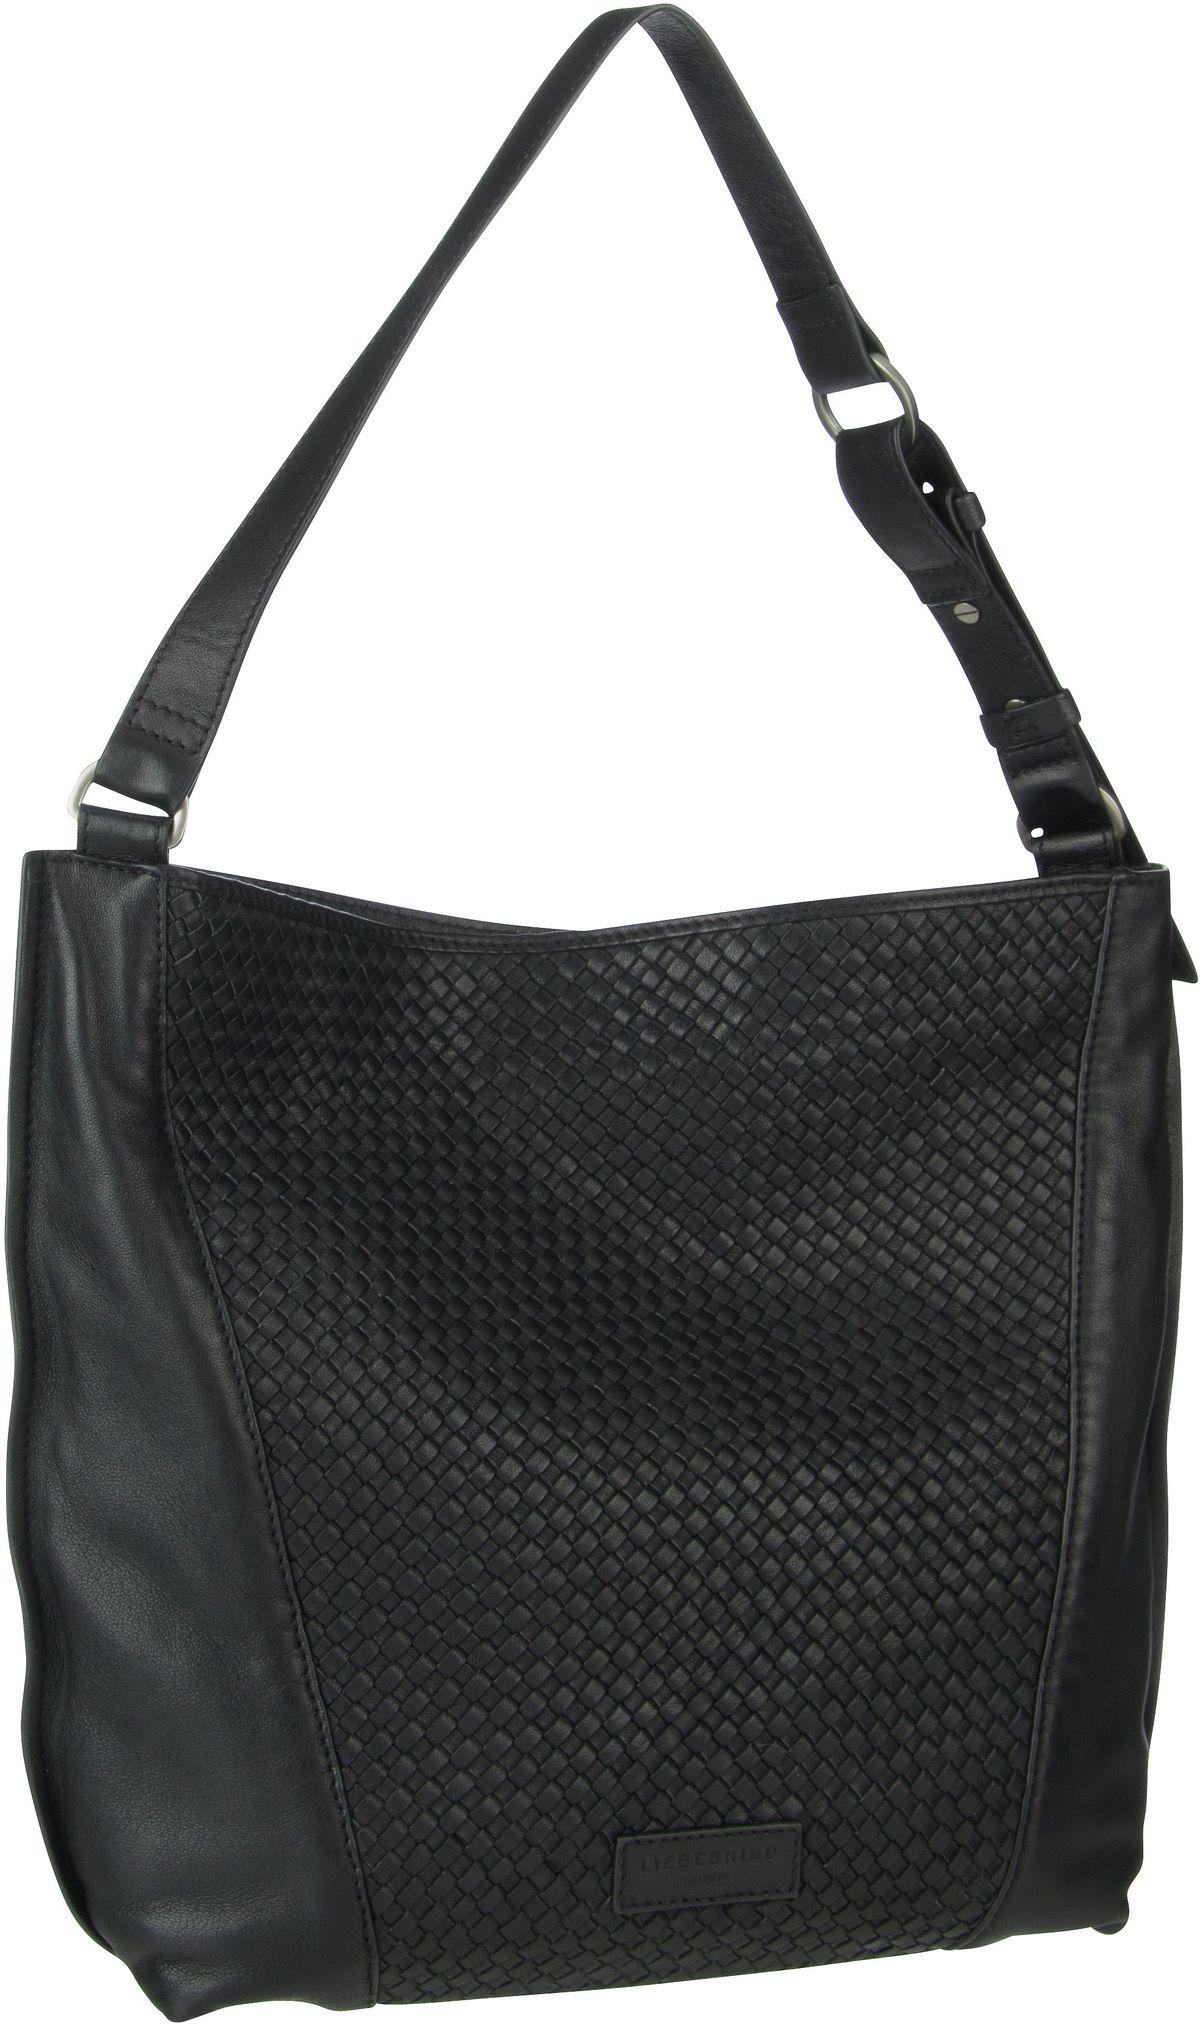 Berlin Handtasche Santa Fe Hobo M Black